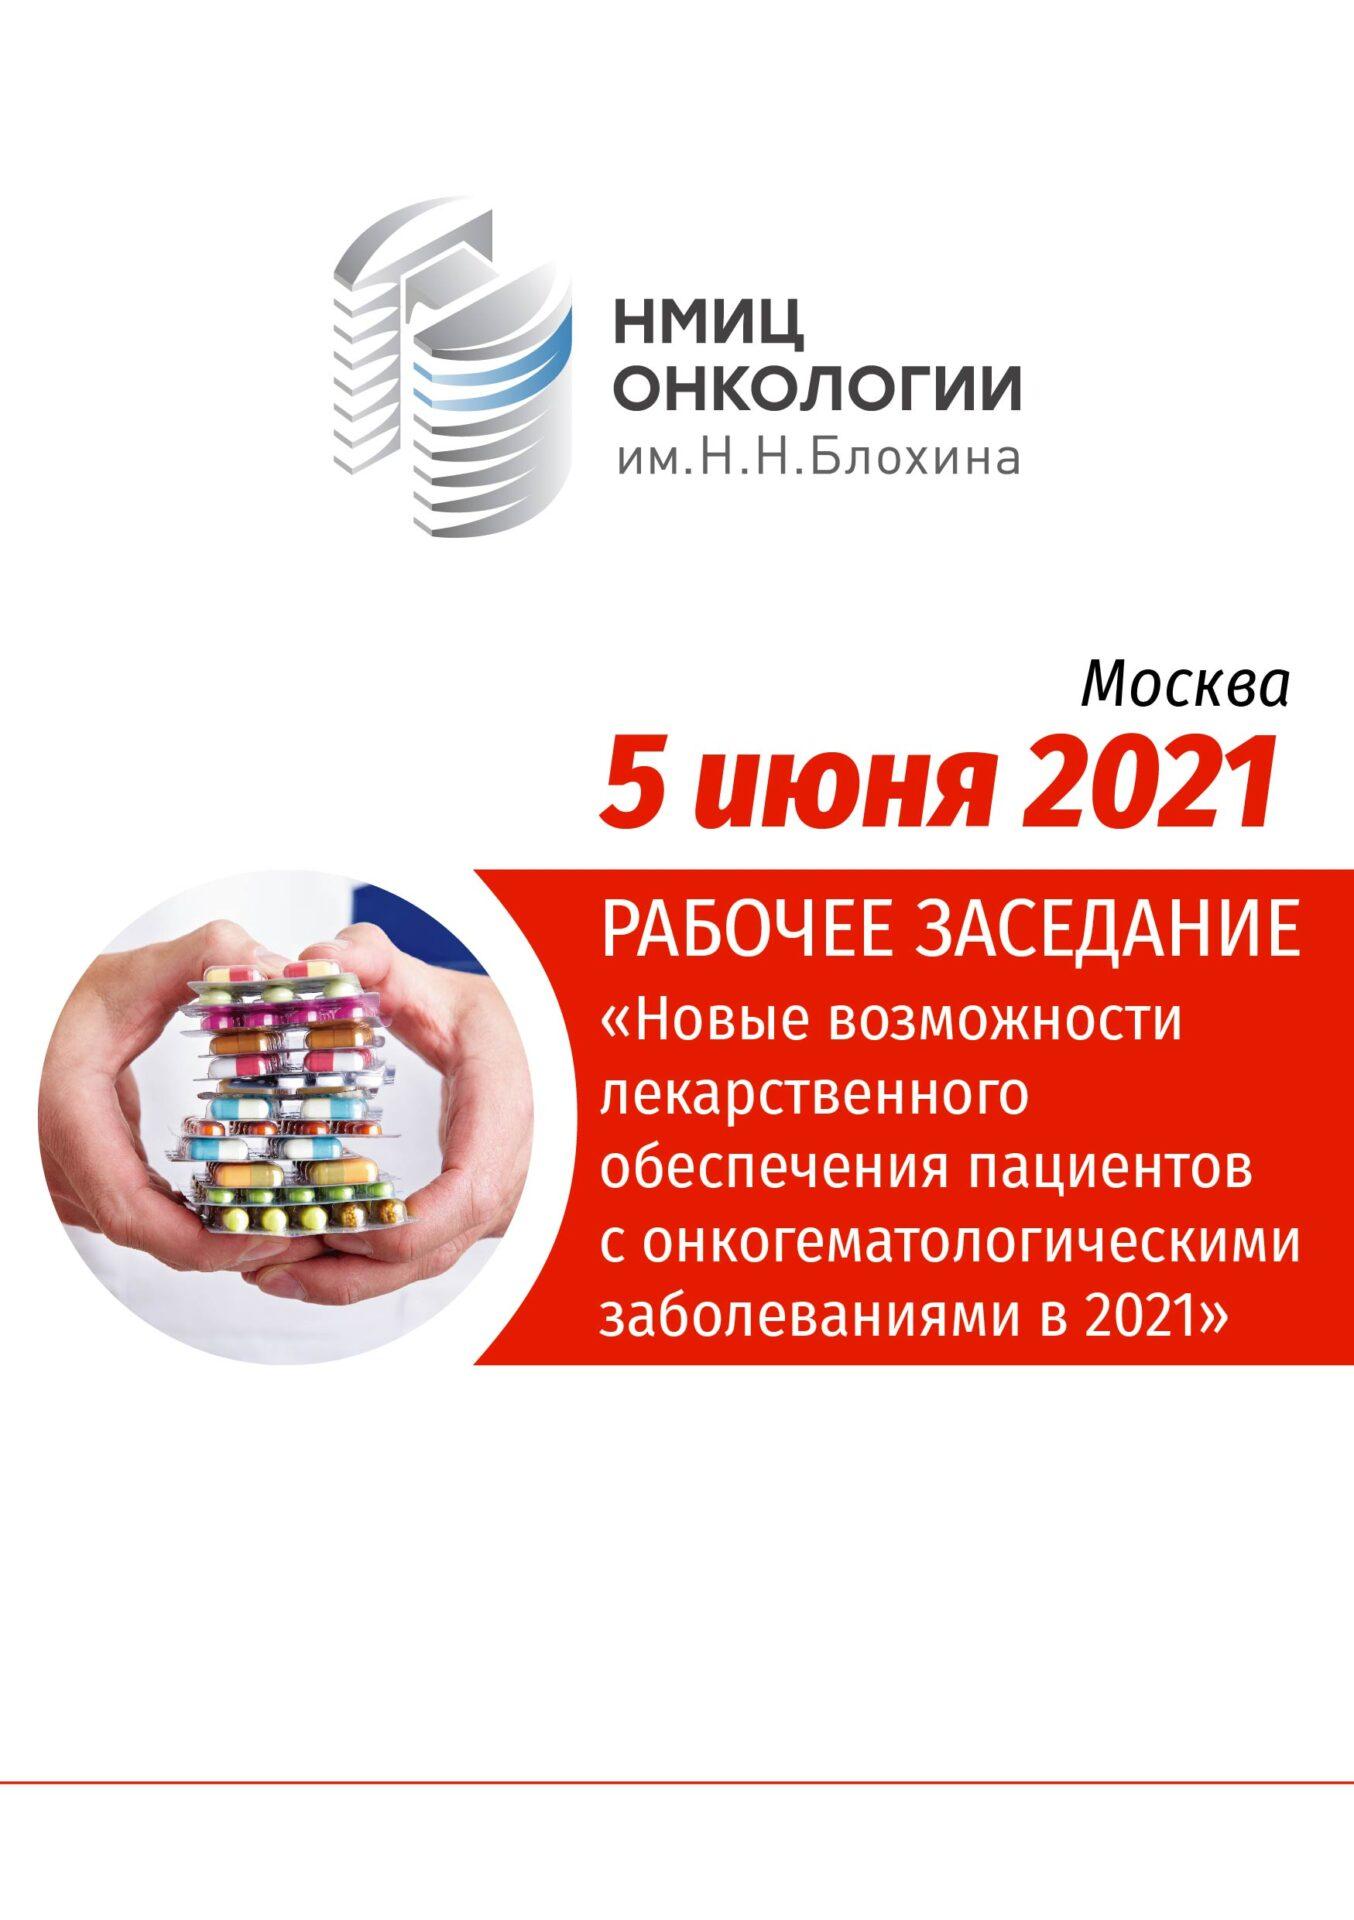 Рабочее заседание «Новые возможности лекарственного обеспечения пациентов с онкогематологическими заболеваниями в 2021»